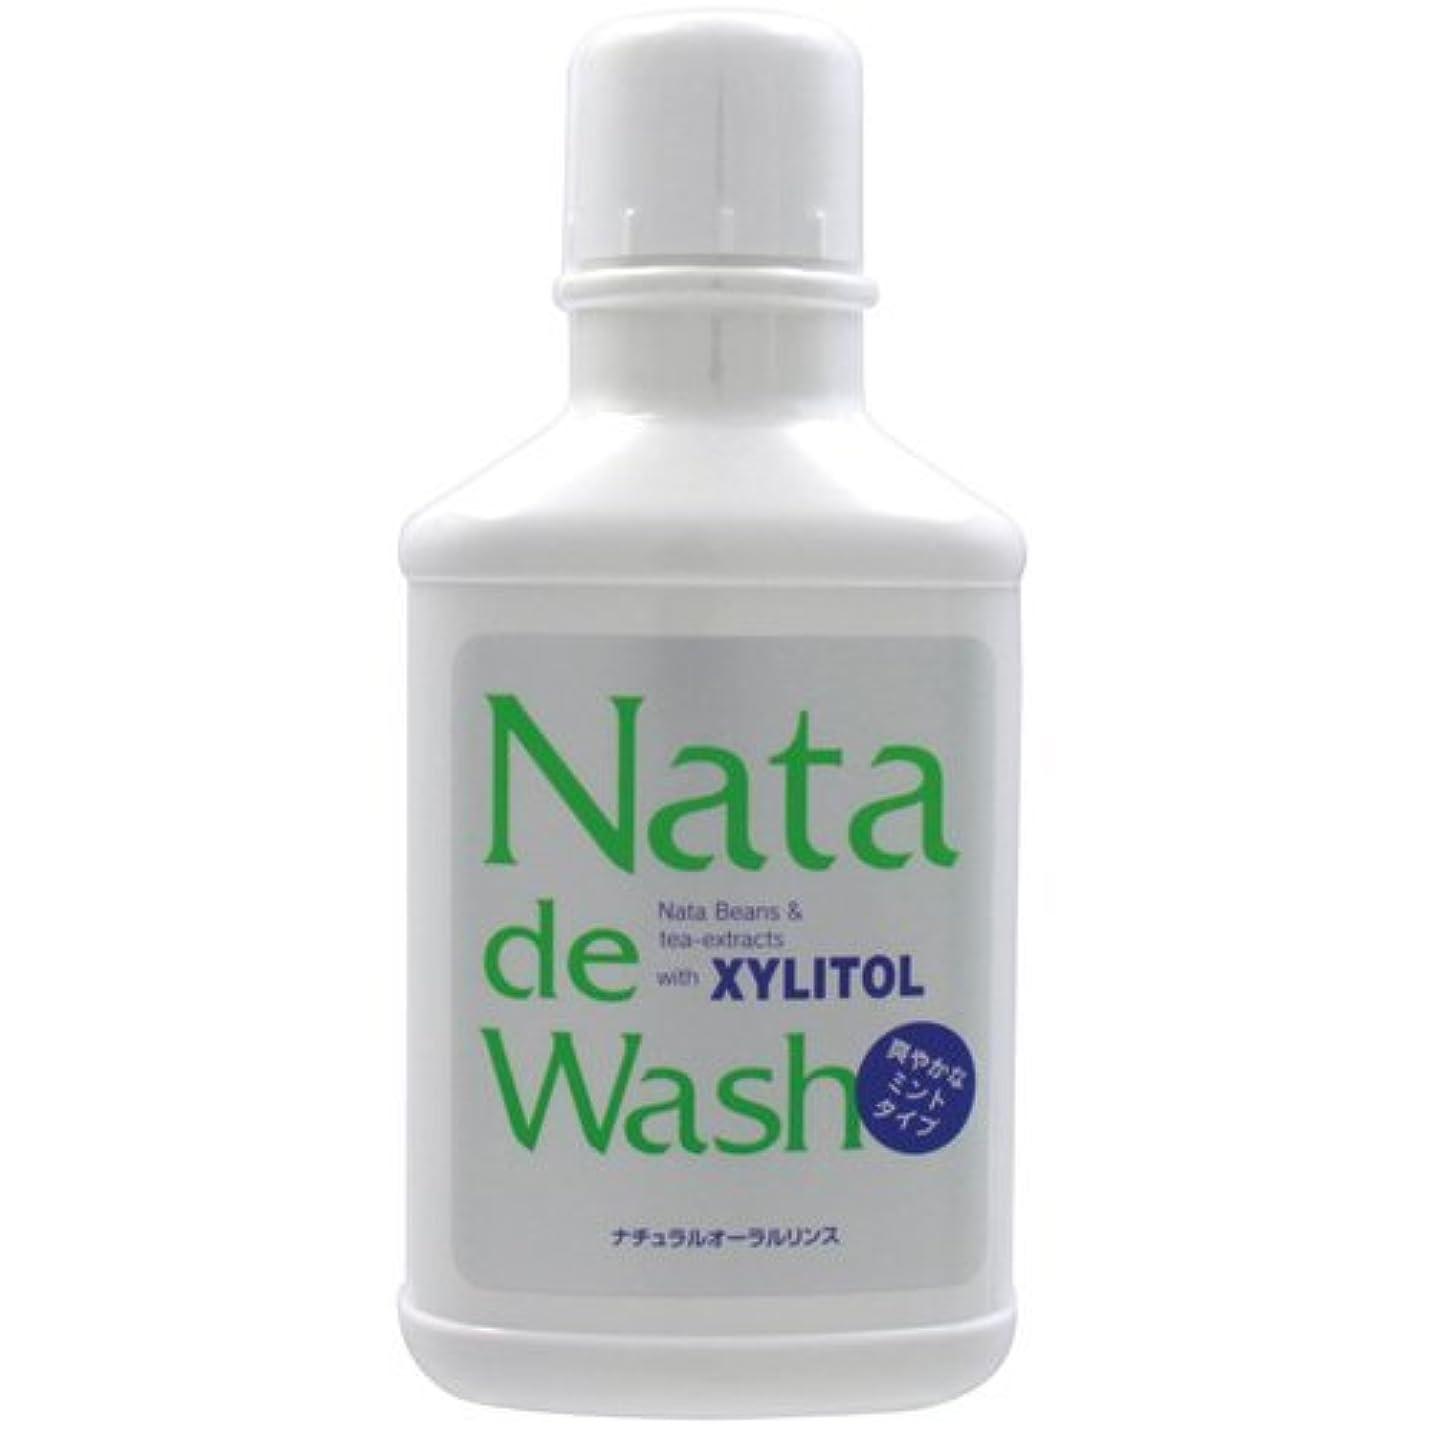 災難静かにコストナタデウォッシュ 500ml 口臭予防 歯磨きの後にお勧め ナタデ ウォッシュ